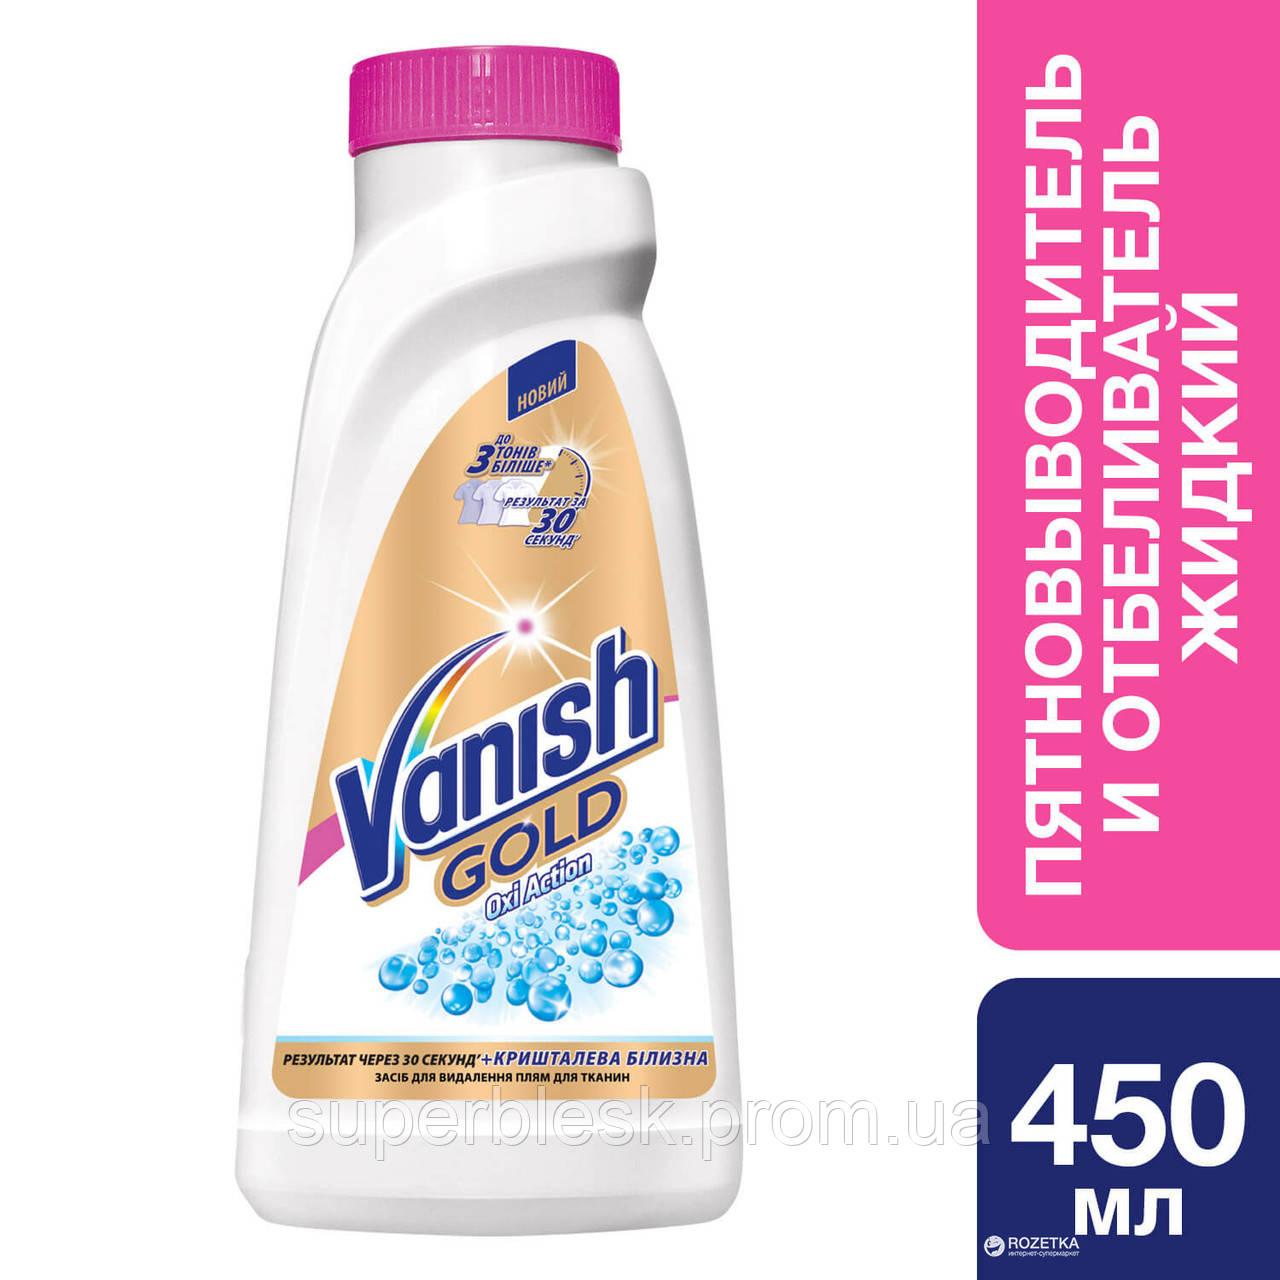 Жидкий отбеливатель для ткани. Кристальная белизна 450 мл Vanish Gold Oxi Action (5900627068566)